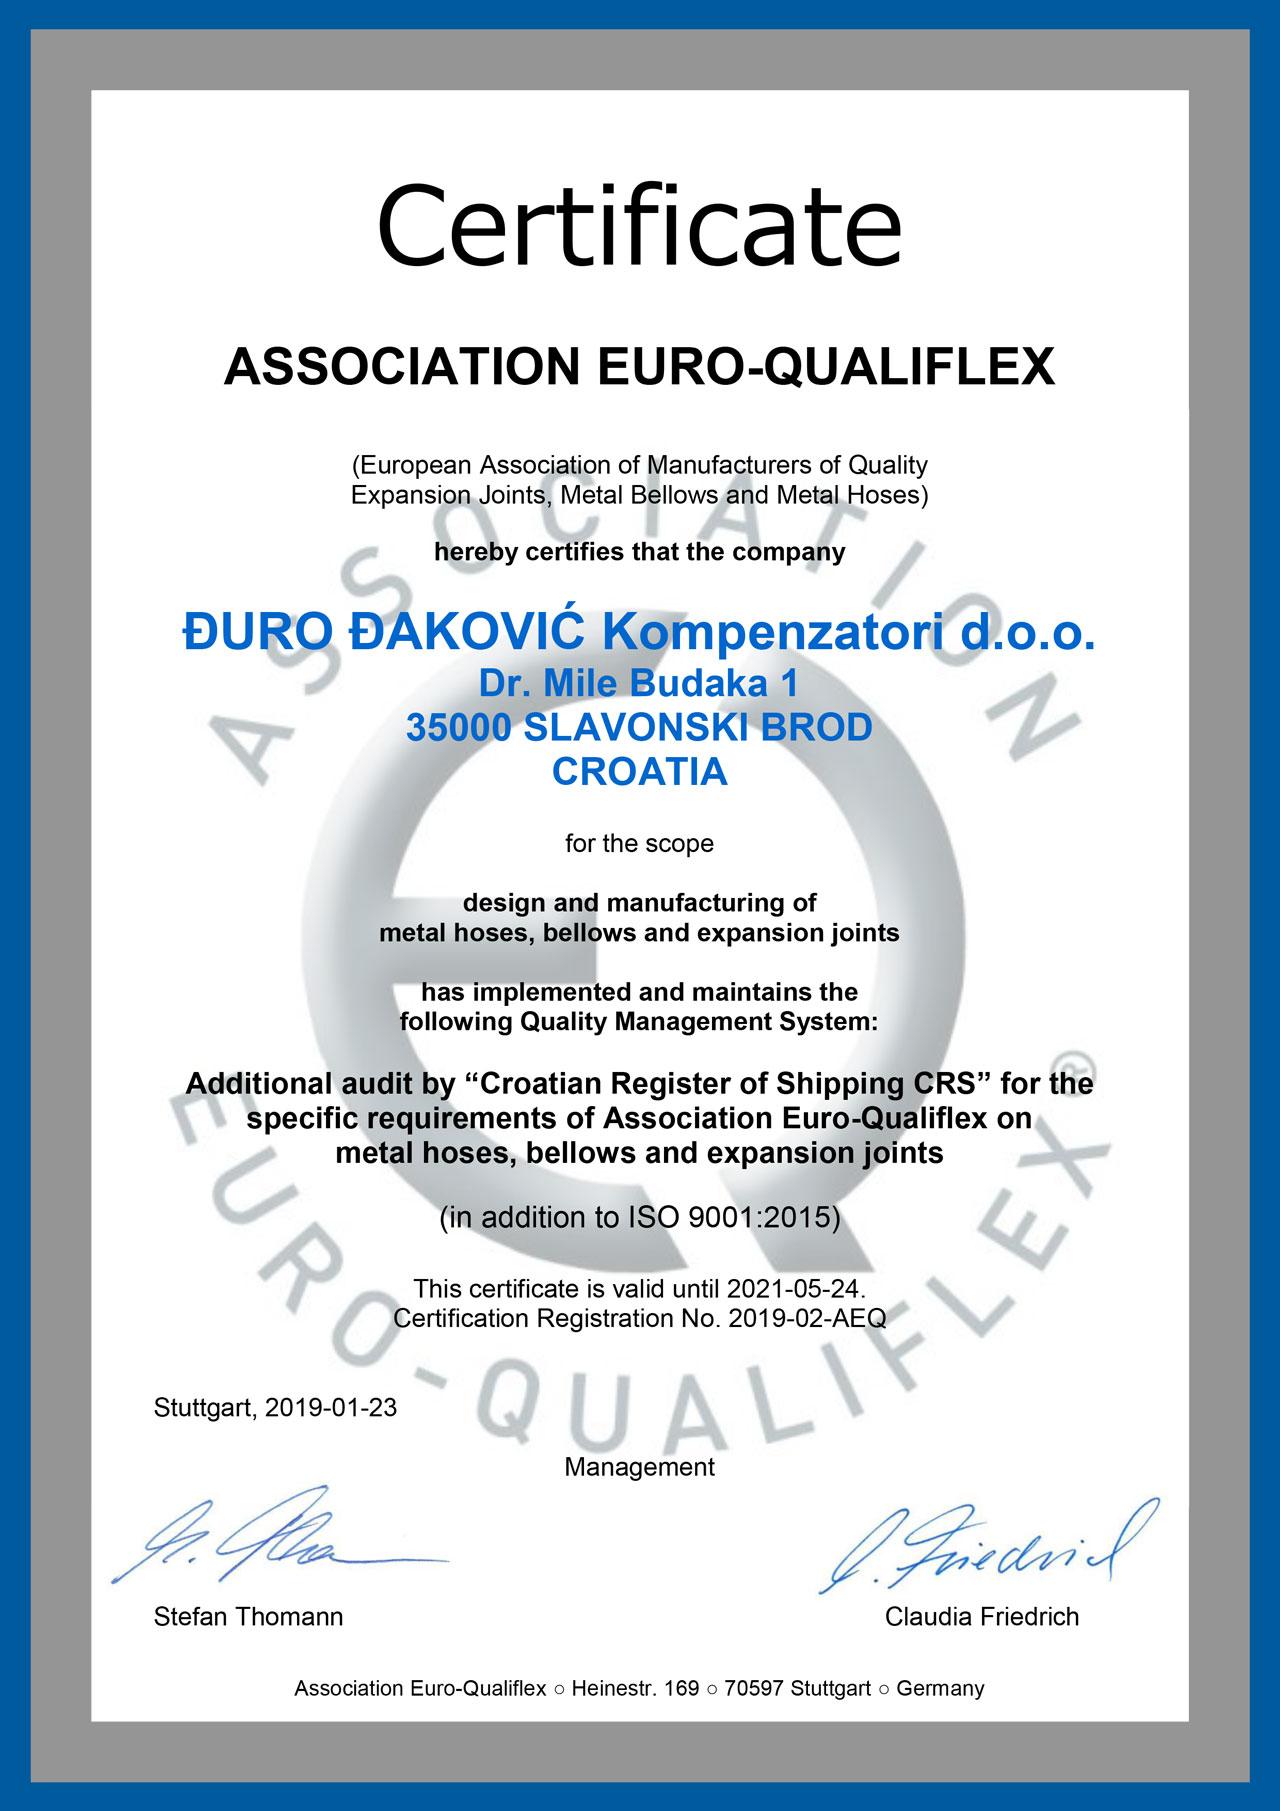 EURO-QUALIFLEX_DDK CERTIFICATE